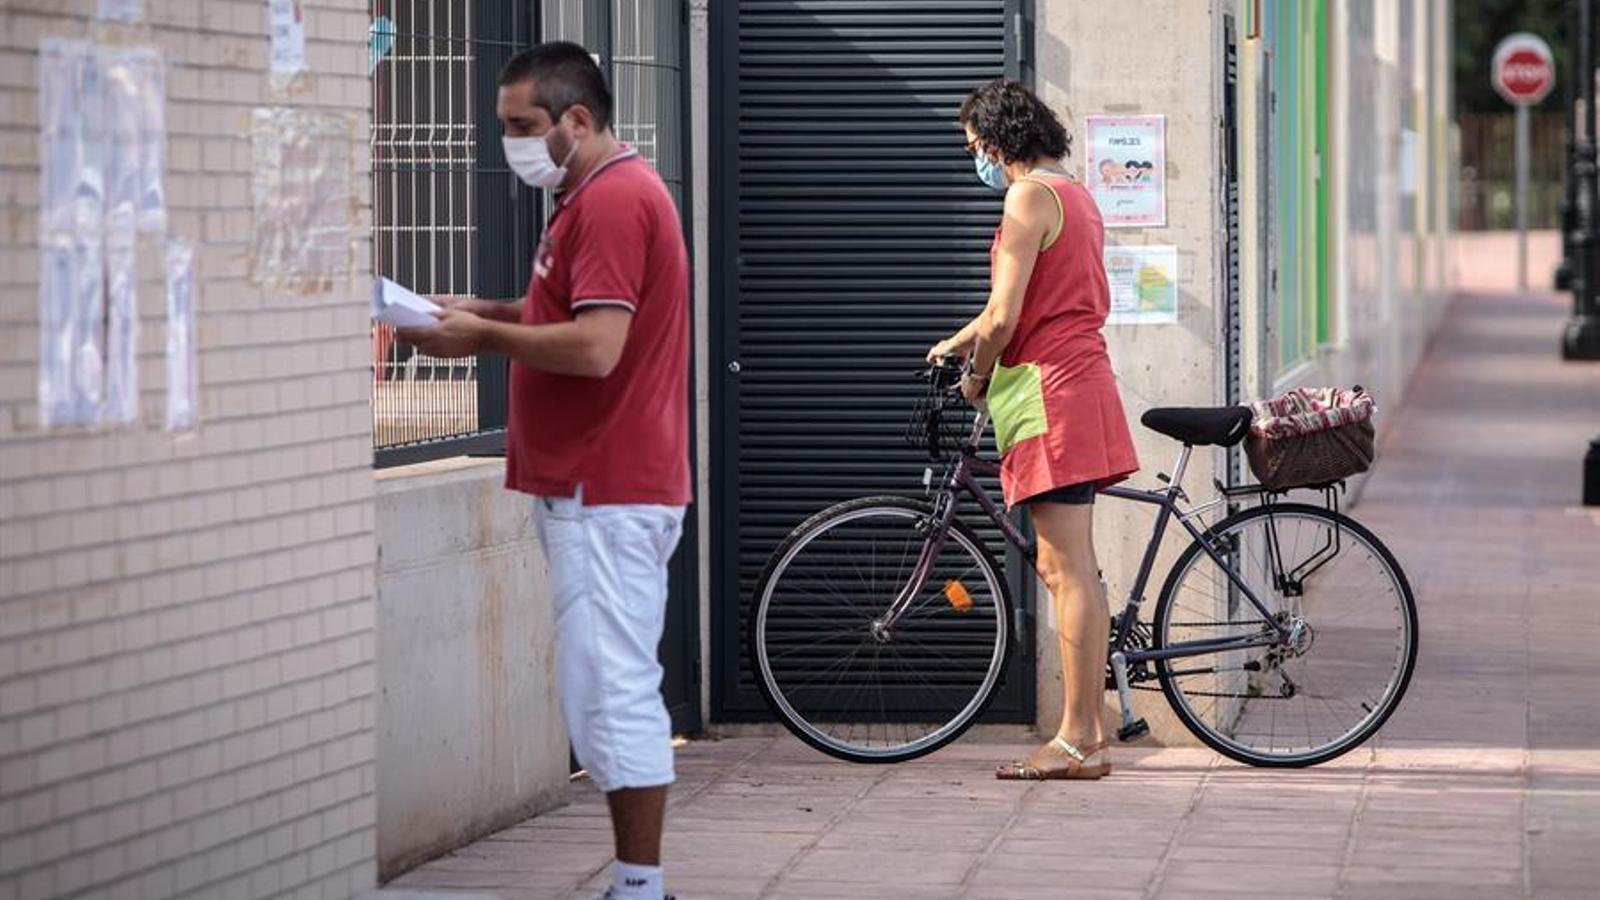 Diverses persones esperen a les portes del col·legi de Primària del CEIP Els Germanells de Rafelbunyol (València), on una vintena d'alumnes ha estat aïllada seguint el protocol sanitari, igual que la seva professora, després del positiu per covid-19 d'una les seves alumnes i aquest dijous estan a l'espera del resultat de les proves PCR fetes a tots. EFE/ Biel Aliño